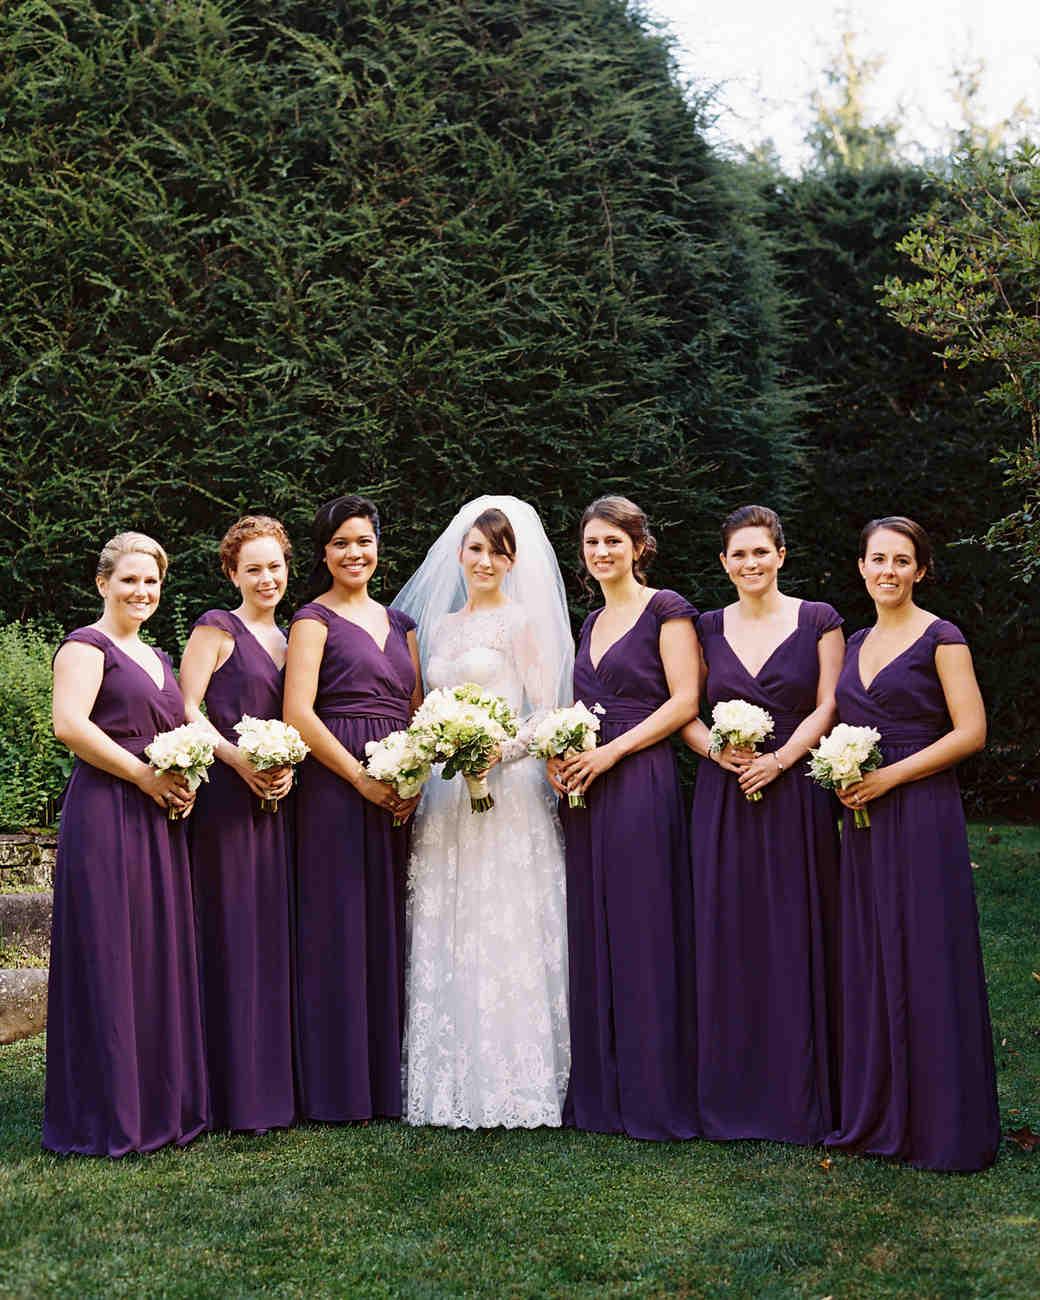 sarah-david-wedding-maids-0414.jpg